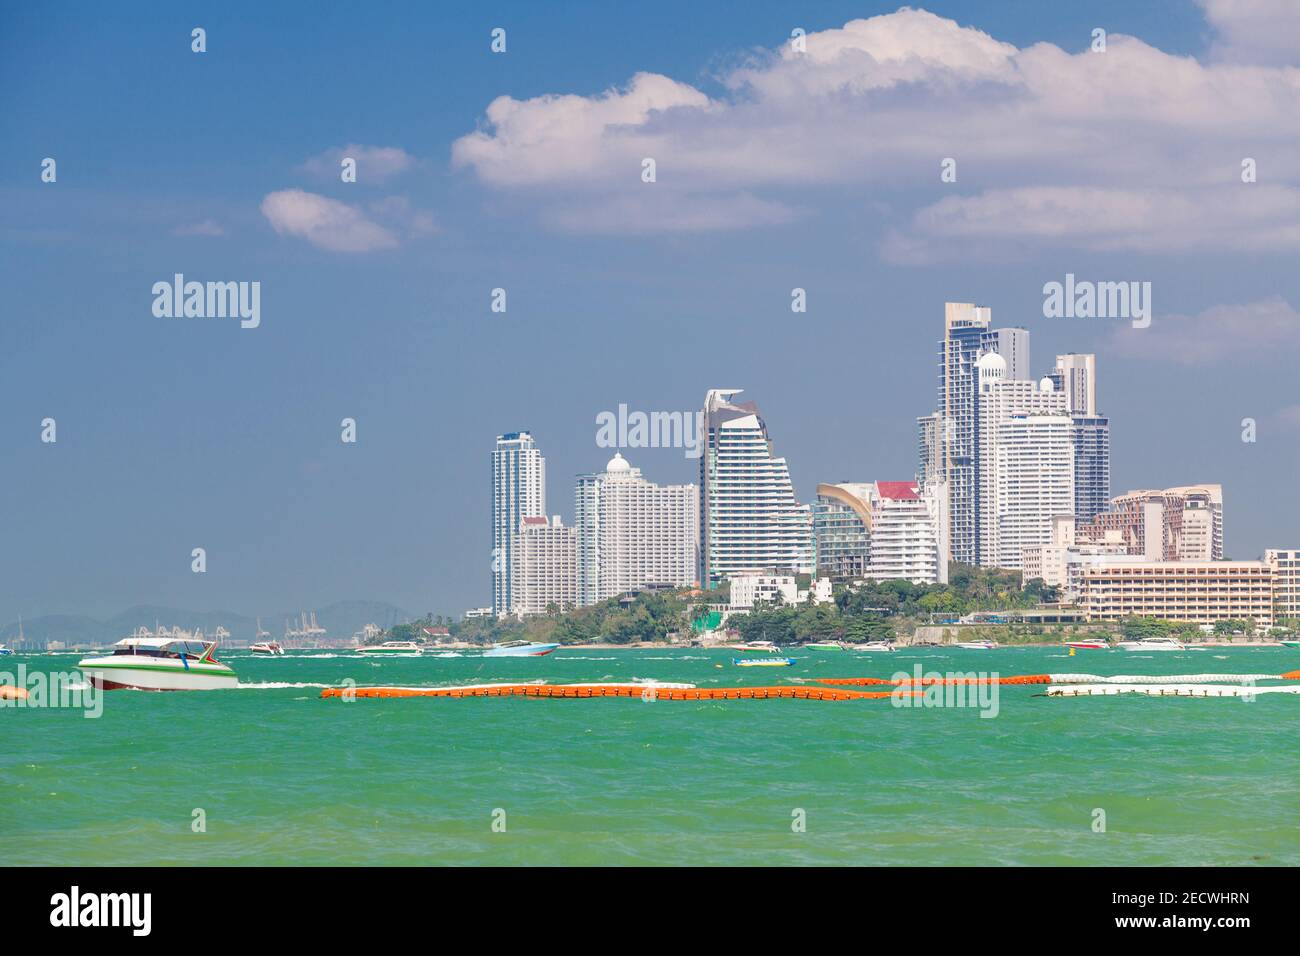 Arrière-plan hôtels et bateaux sur l'eau turquoise à Pattaya Beach, Thaïlande Banque D'Images